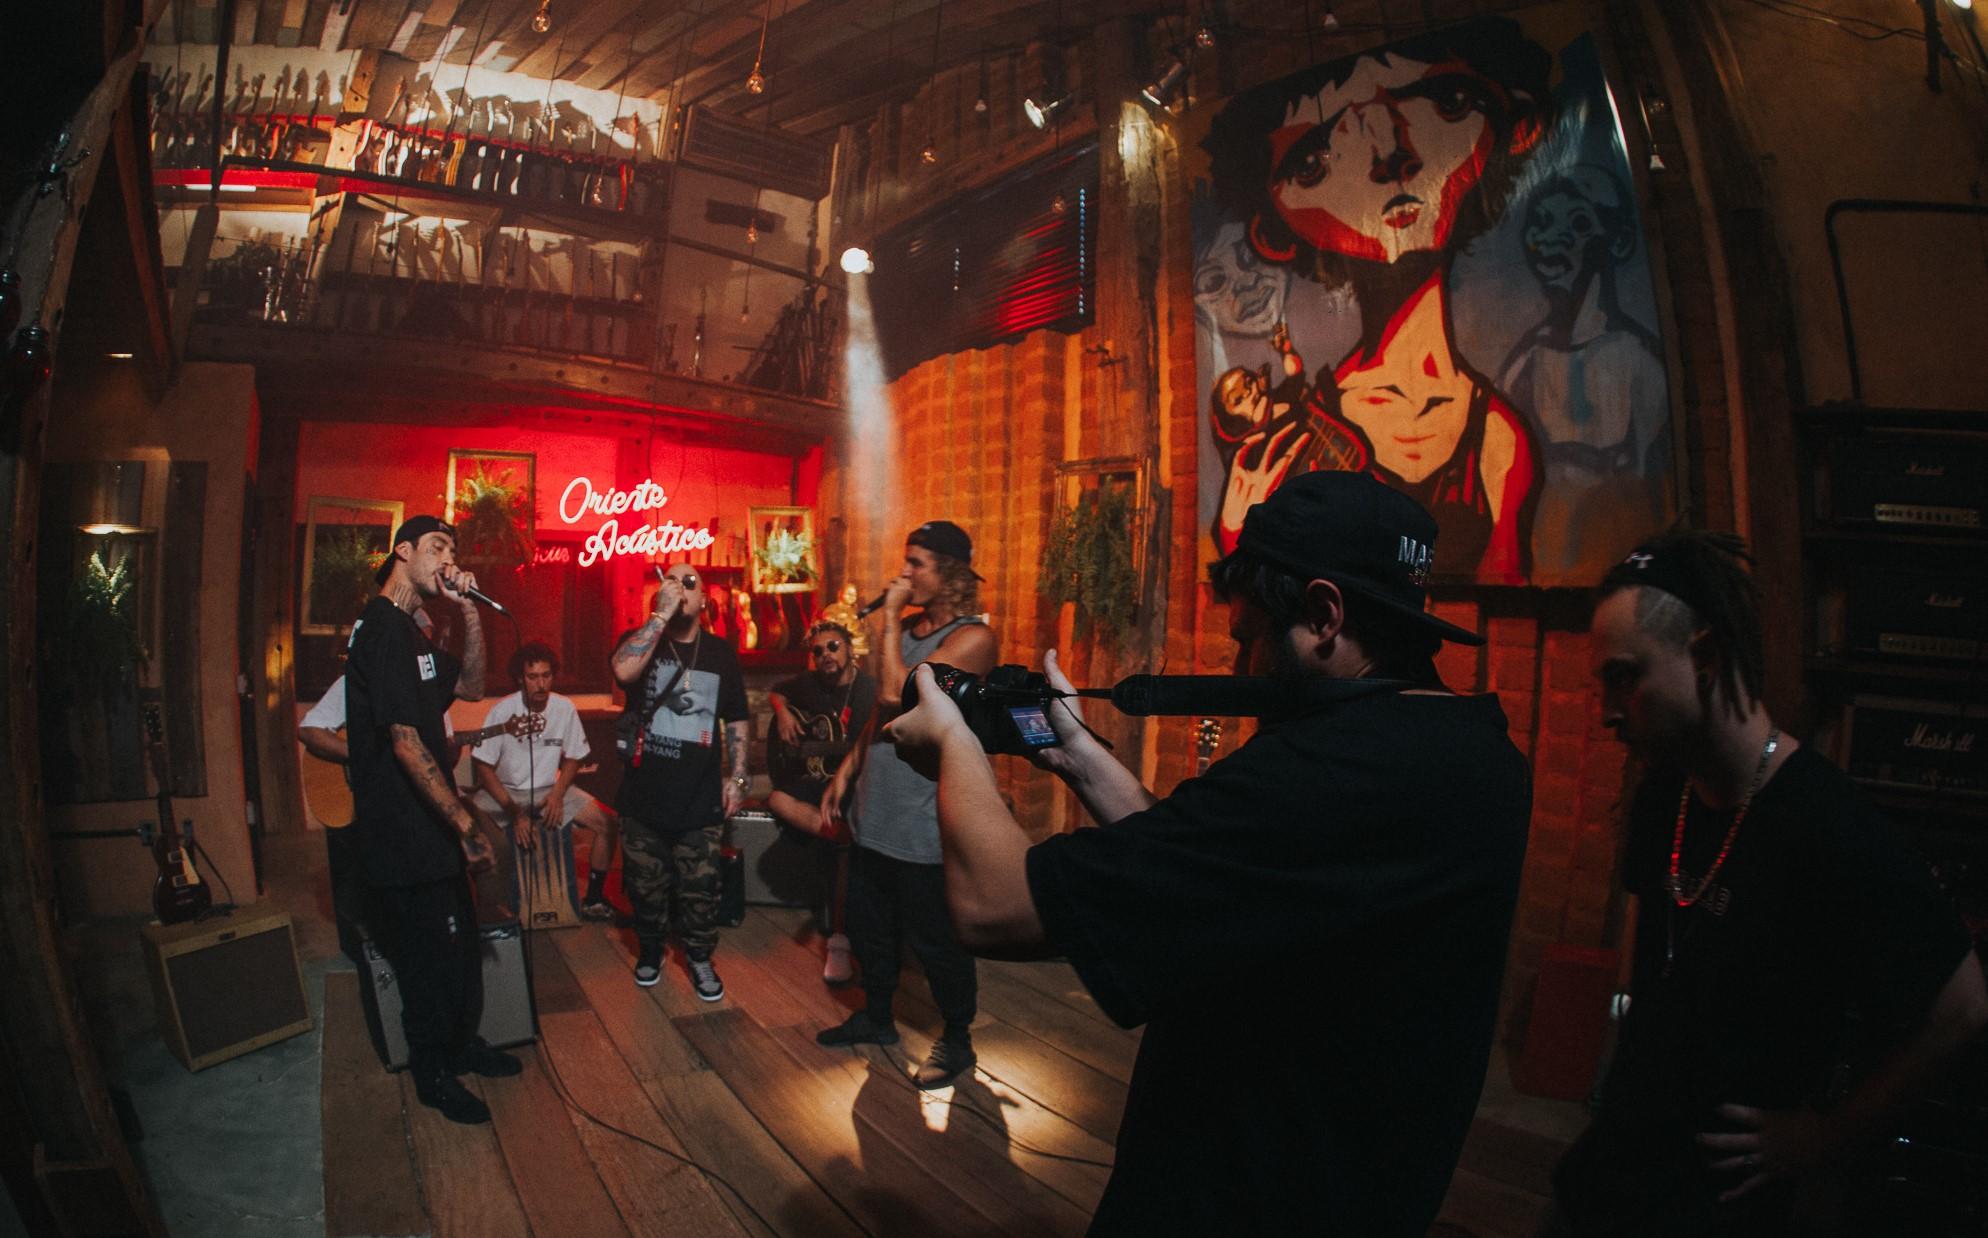 """O diretor de audiovisuais Guilherme Behrem, em gravação antes da quarentena, agora busca alternativas: """"Sem aglomeração não tem filmagem"""" (Foto: Divulgação)"""